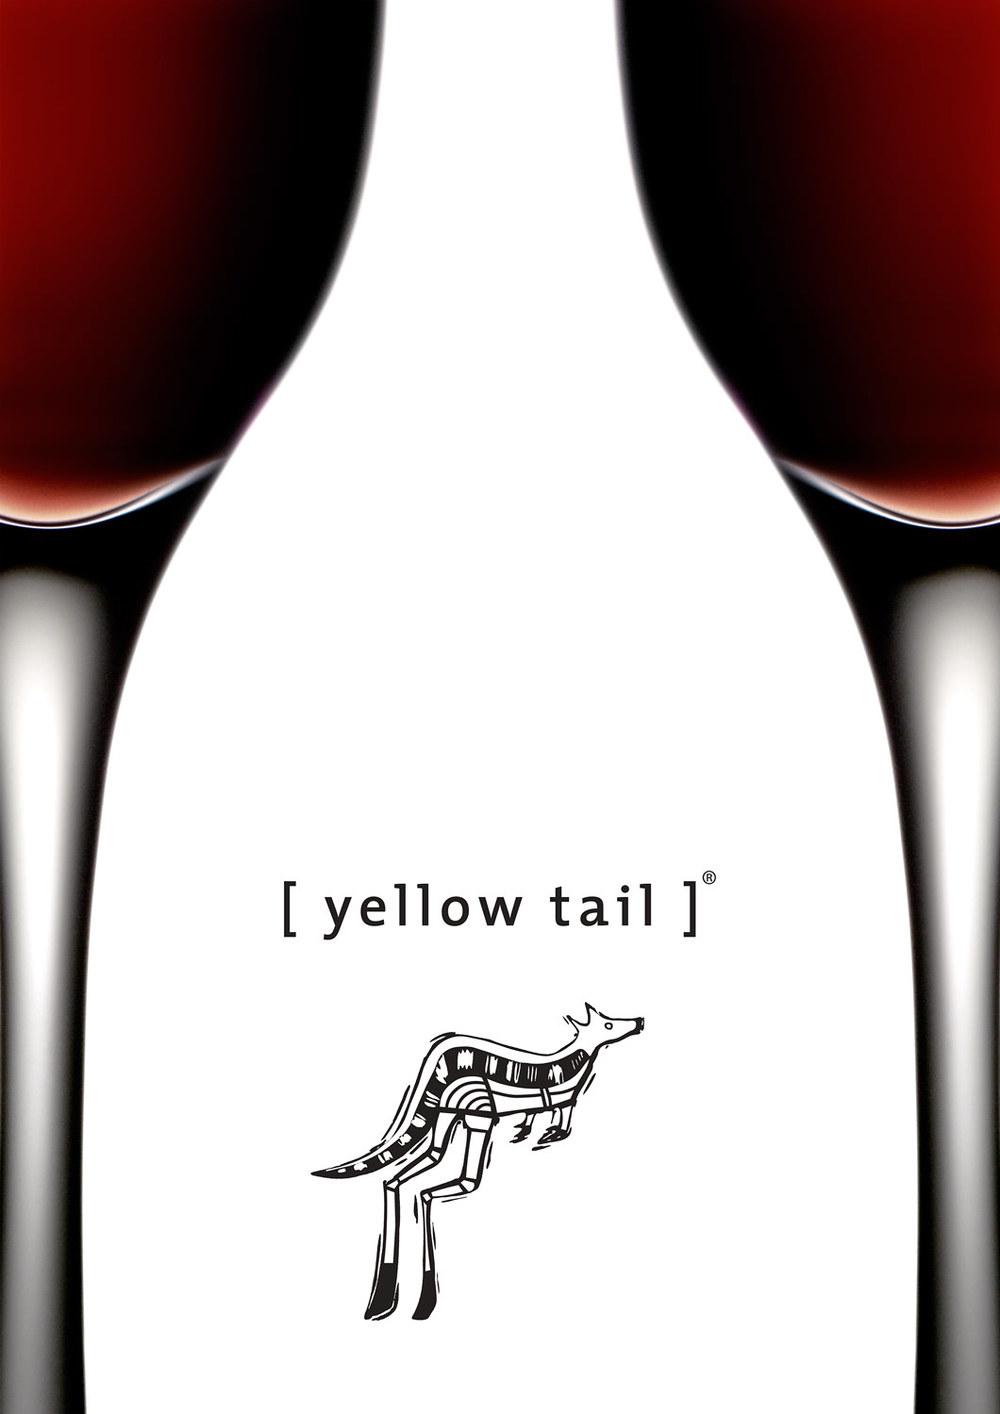 WINE-GLASSES-RED-STEPHEN-STEWART.jpg